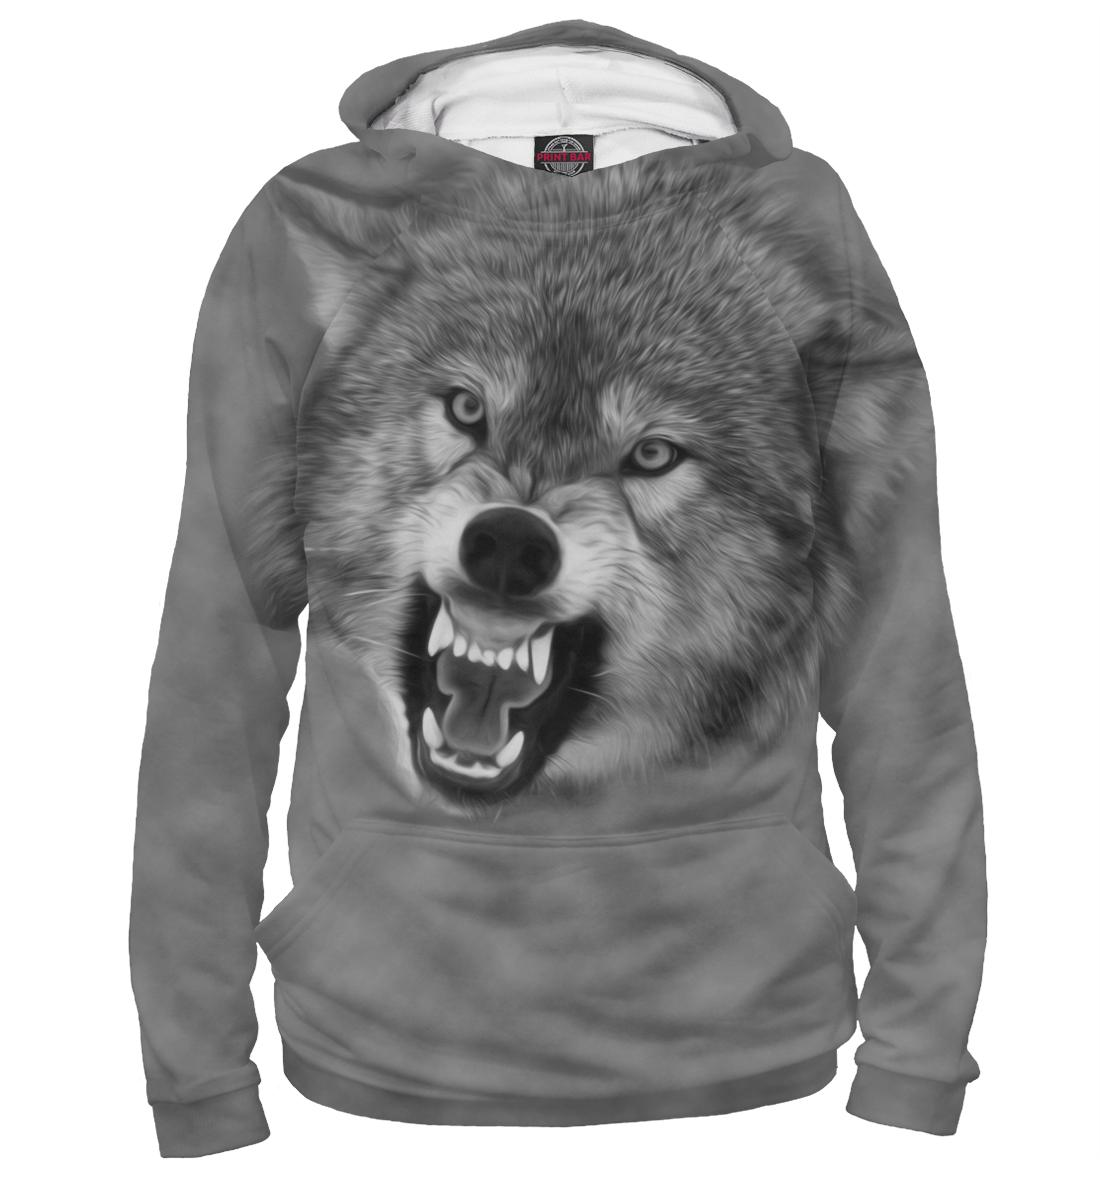 Купить Волк, Printbar, Худи, VLF-608327-hud-1